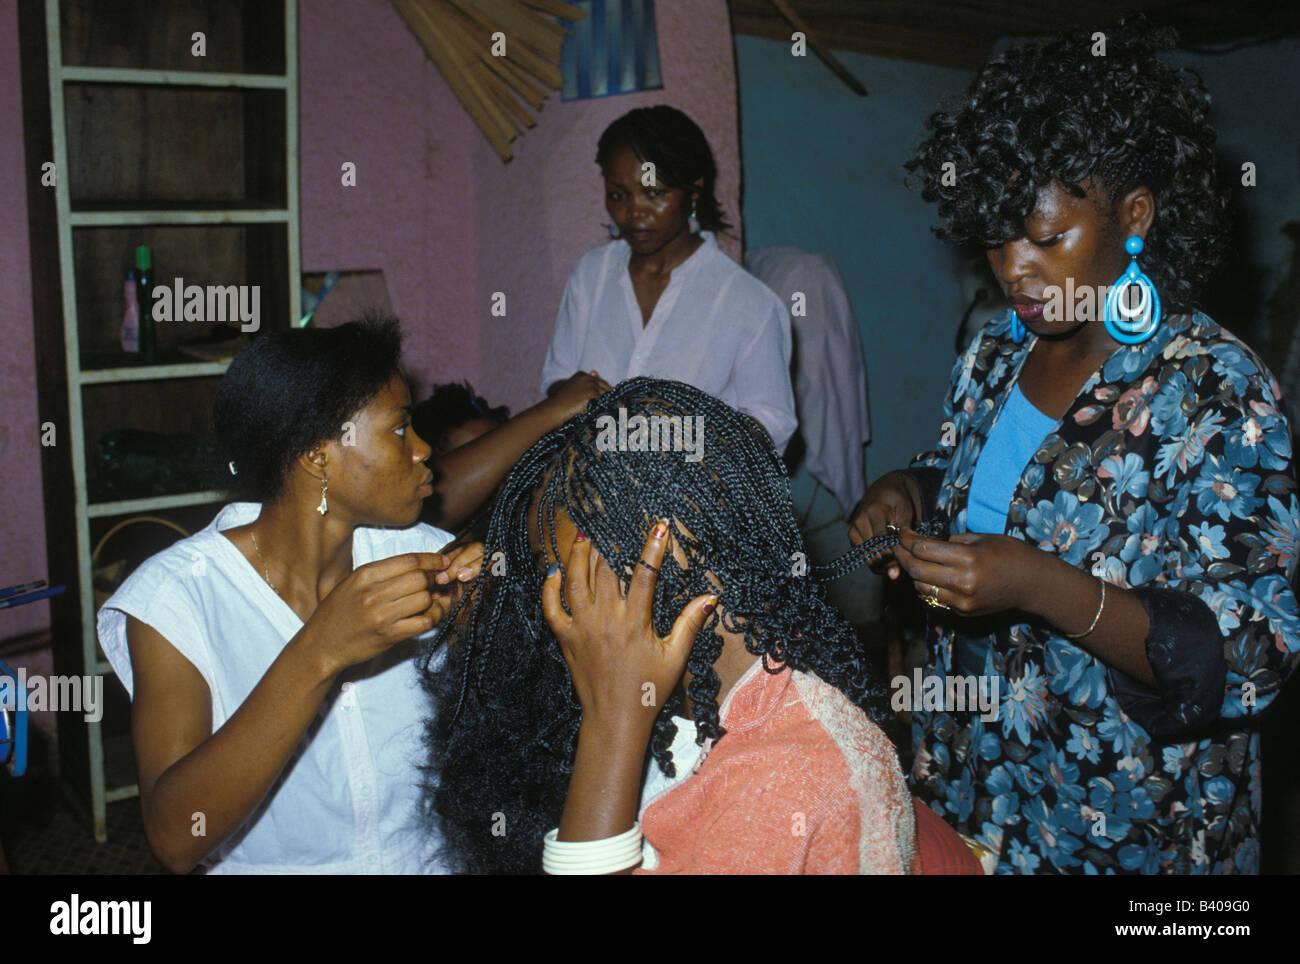 Les Femmes Congolaises Dans Un Salon De Coiffure Extensions De Cheveux Ayant Applique Kinshasa Republique Democratique Du Congo Photo Stock Alamy